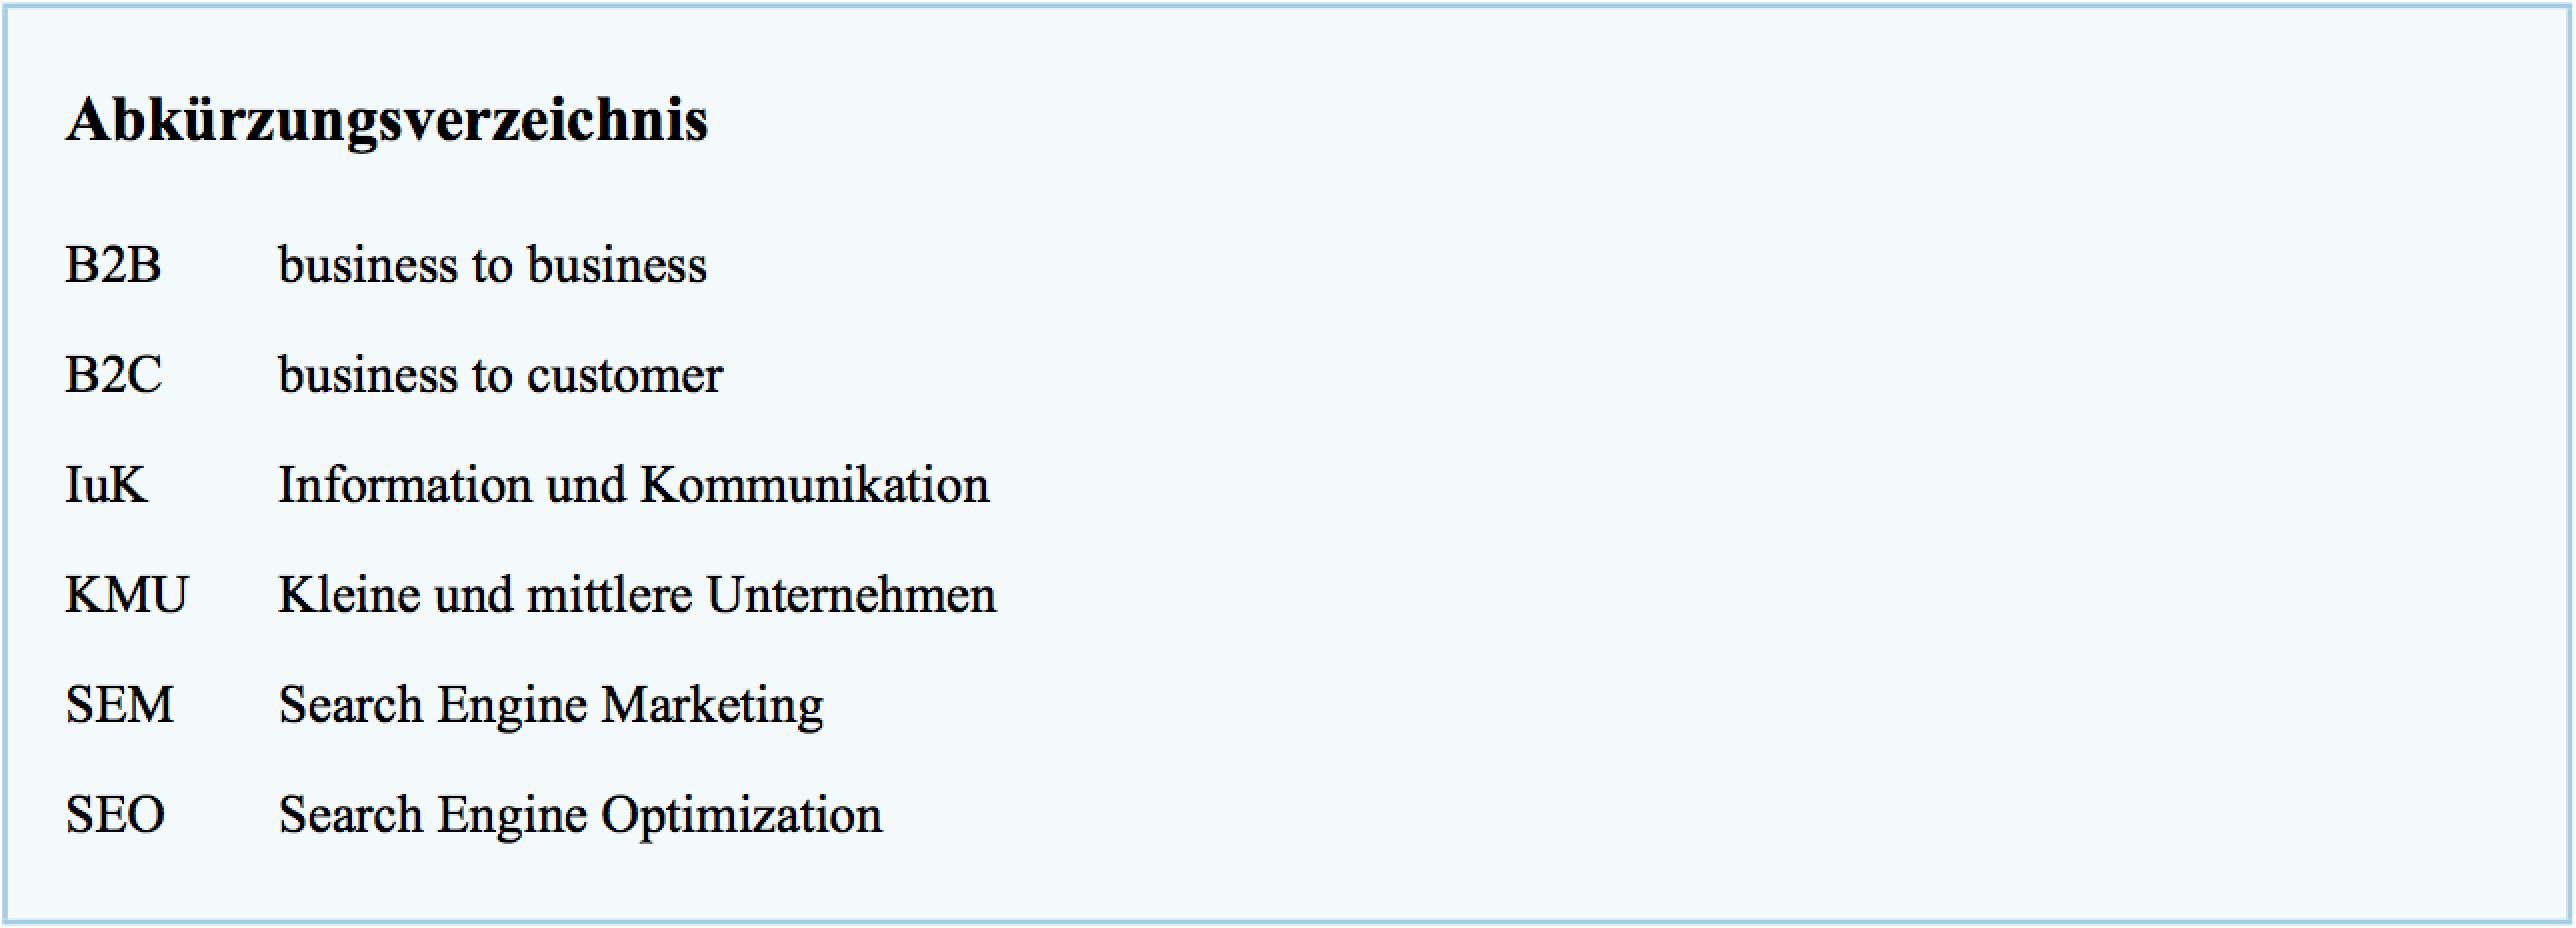 Beispiel feur das Abkürzungsverzeichnis